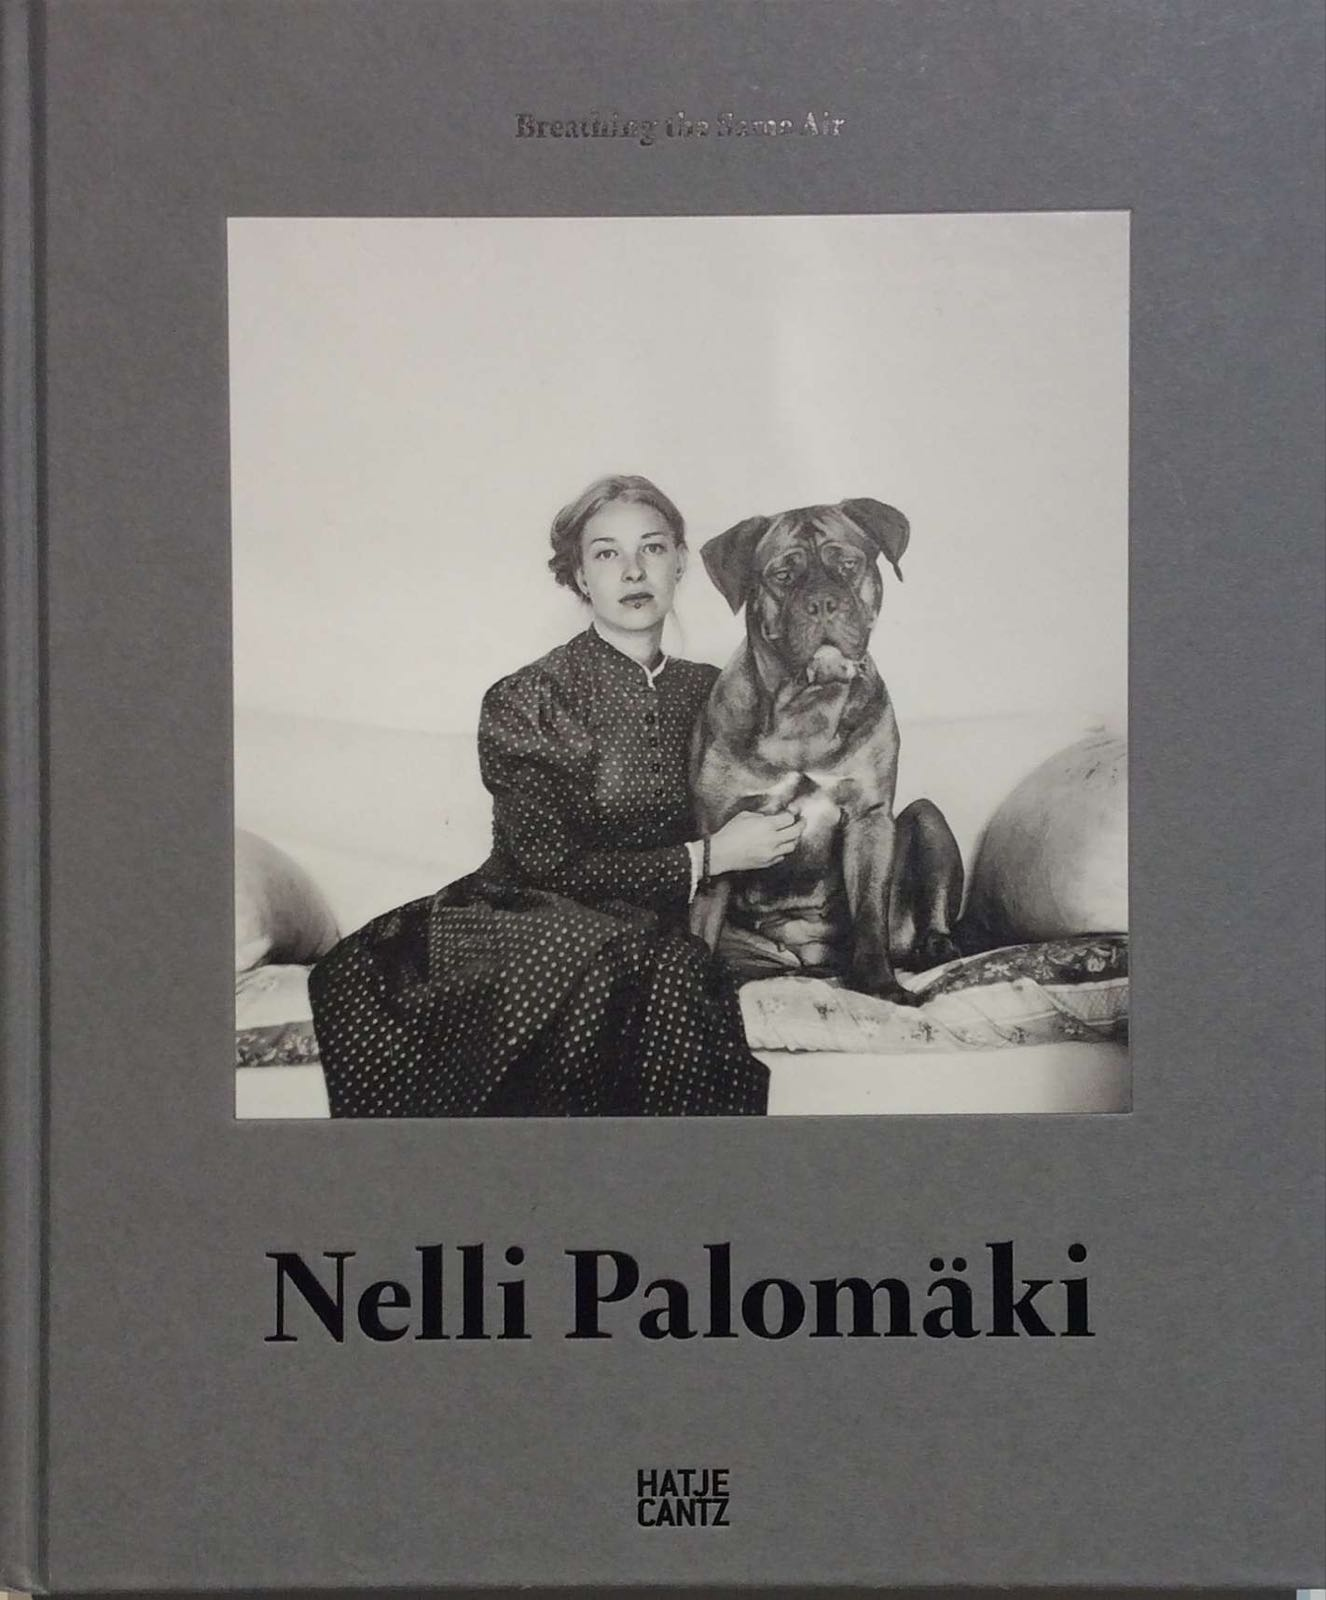 Palomäki, Nelli. Breathing the same air